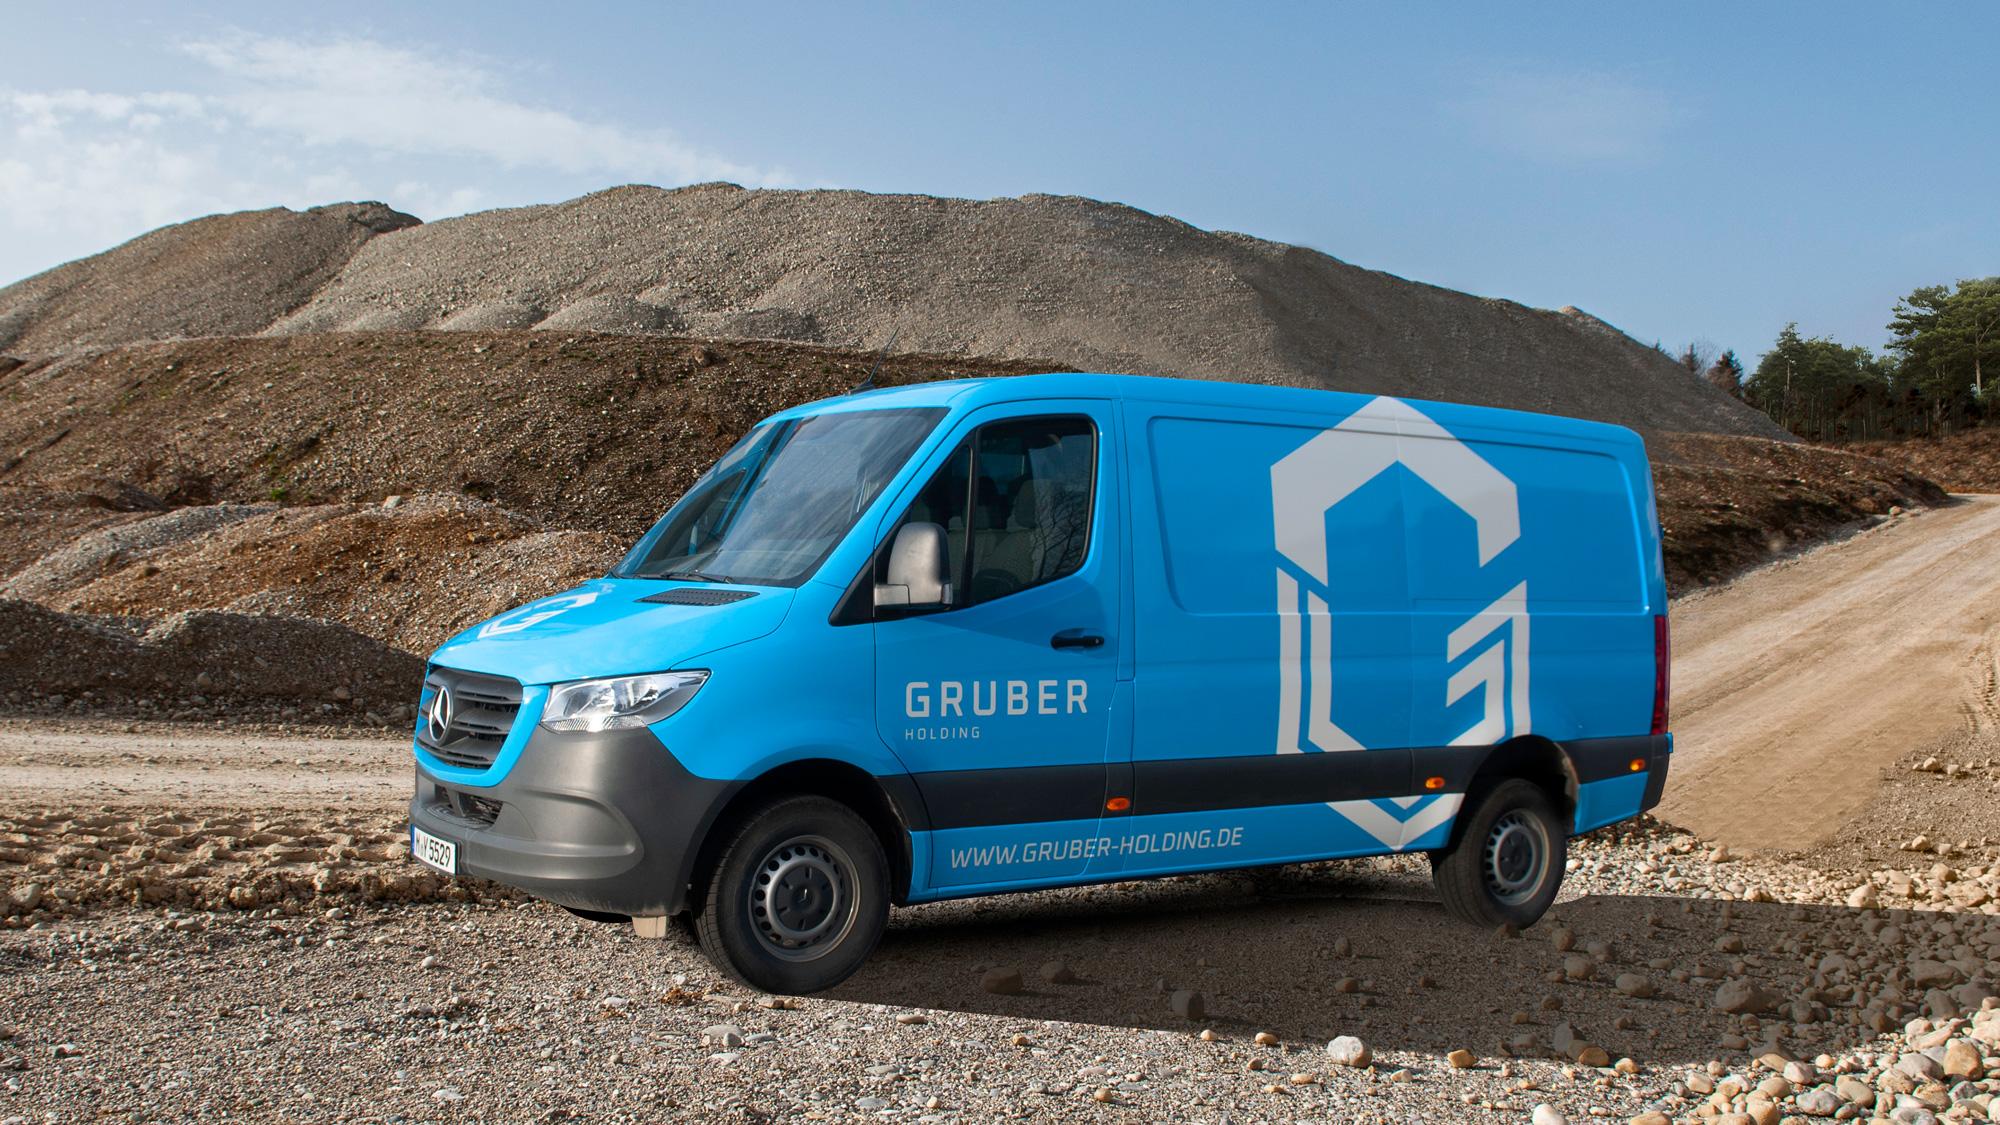 Mercedes Sprinter in einer Kiesgrube - GRUBER Holding, Sauerlach